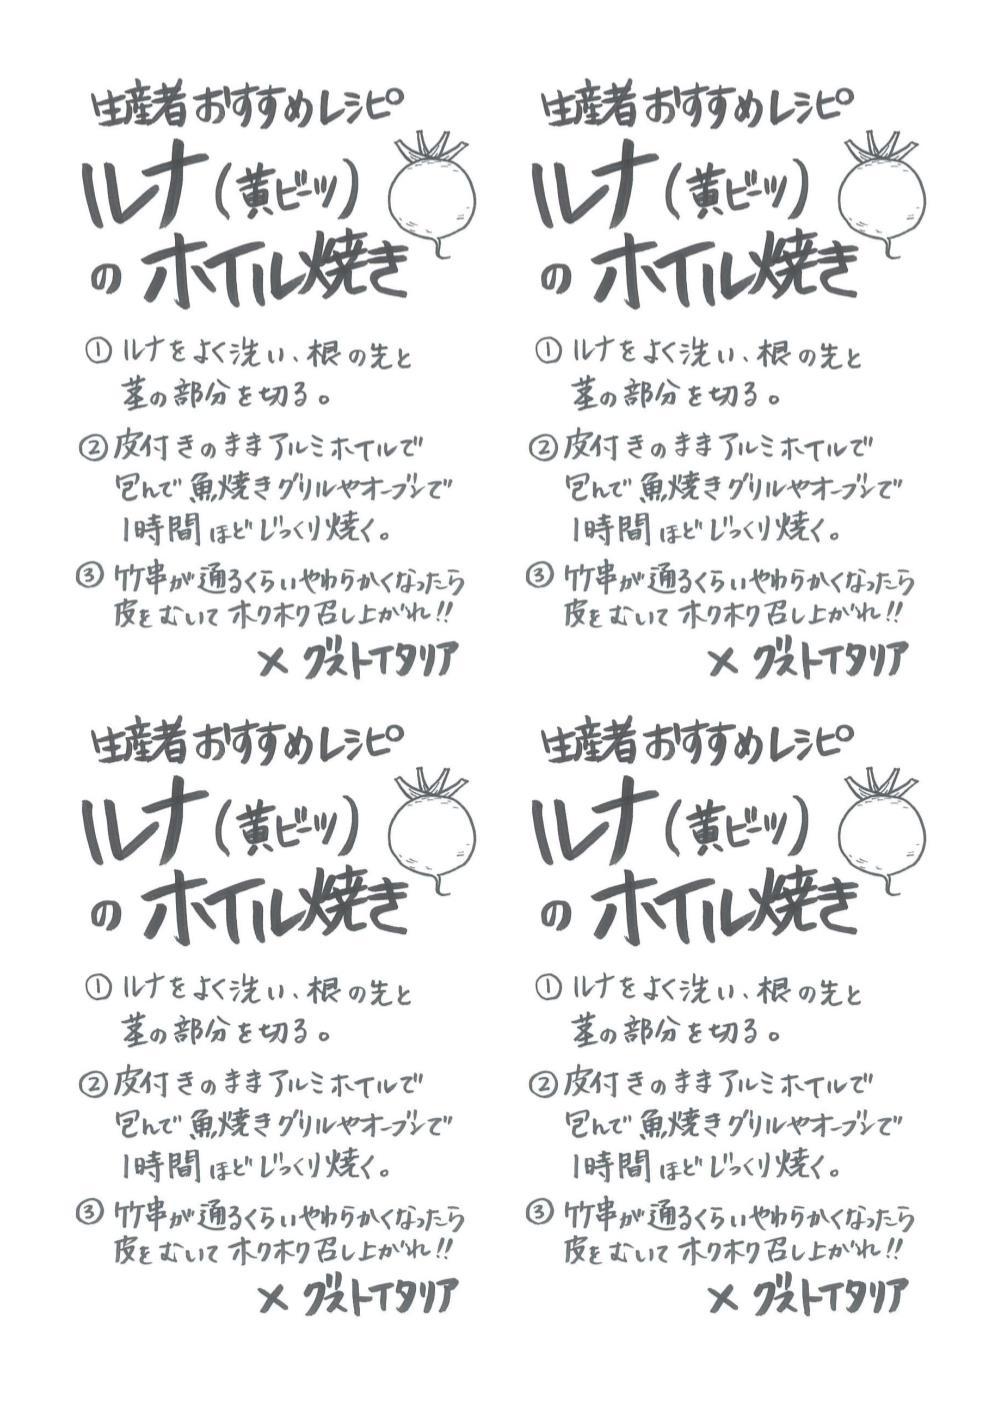 ルナのホイル焼き手書きレシピ